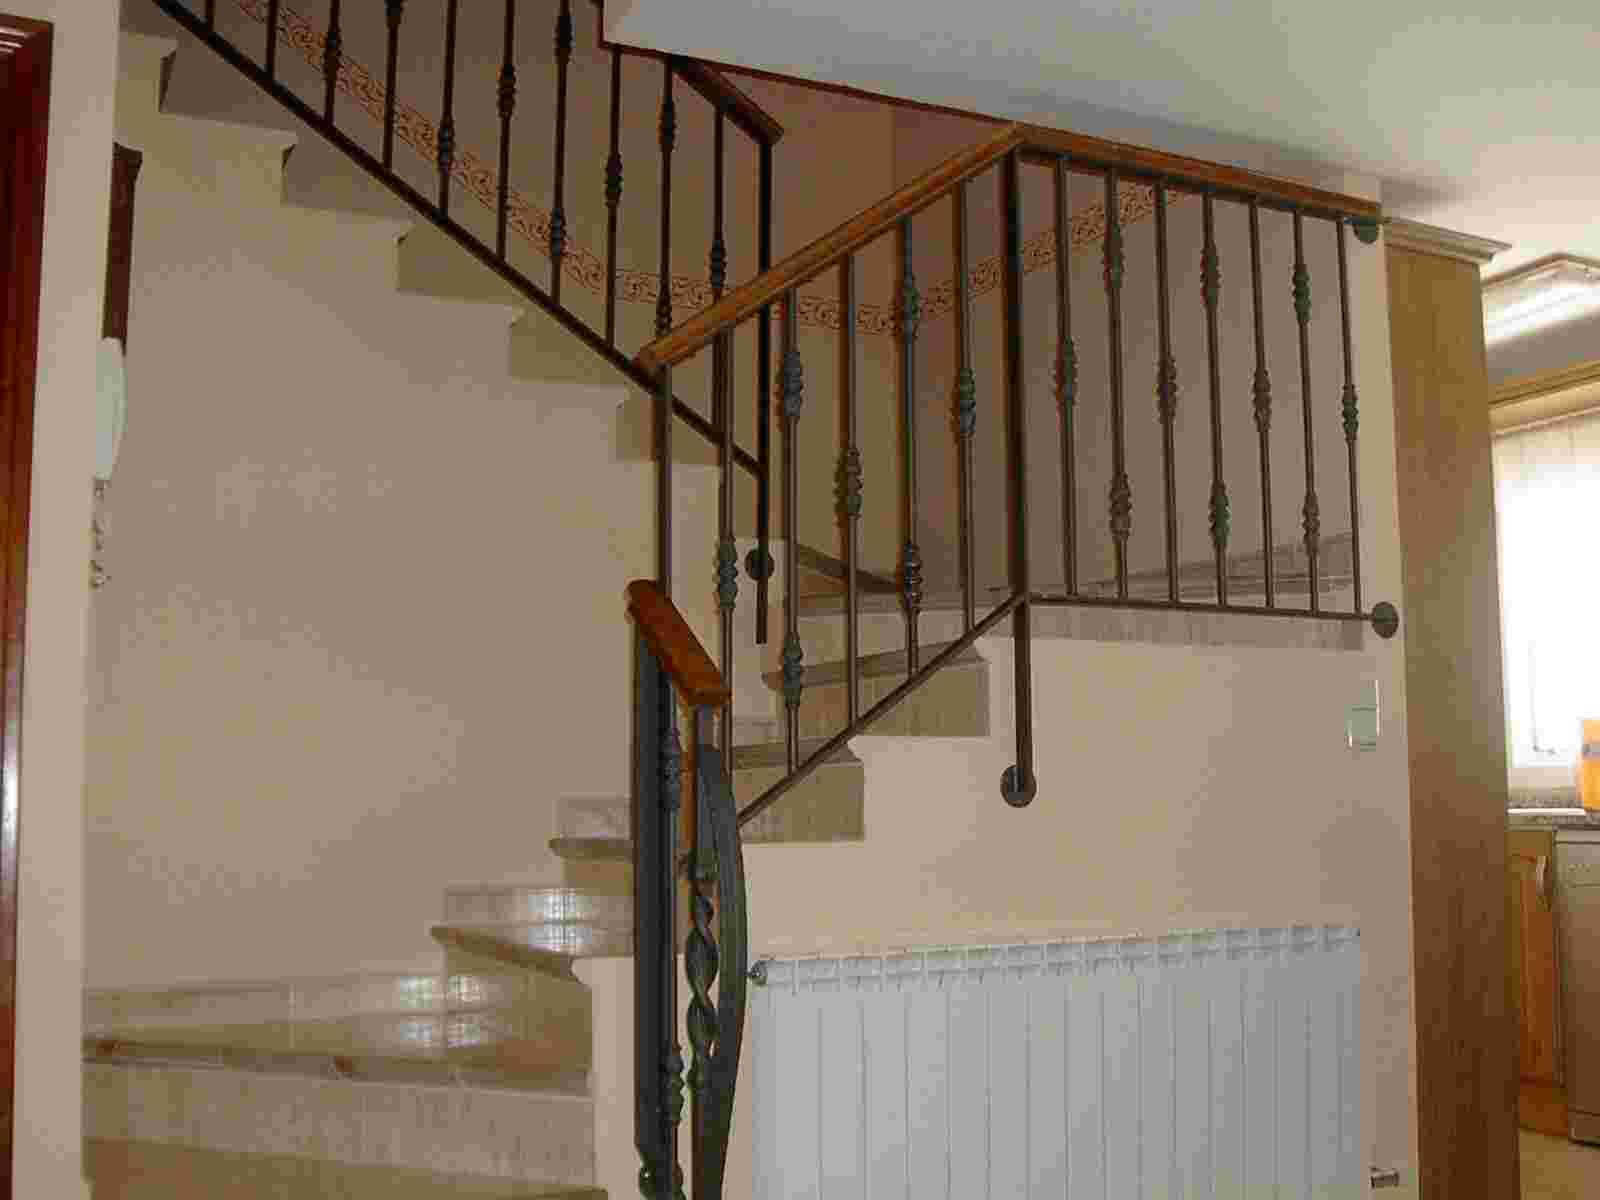 Escaleras de hierro y madera para interiores dise os for Planos de escaleras de hierro